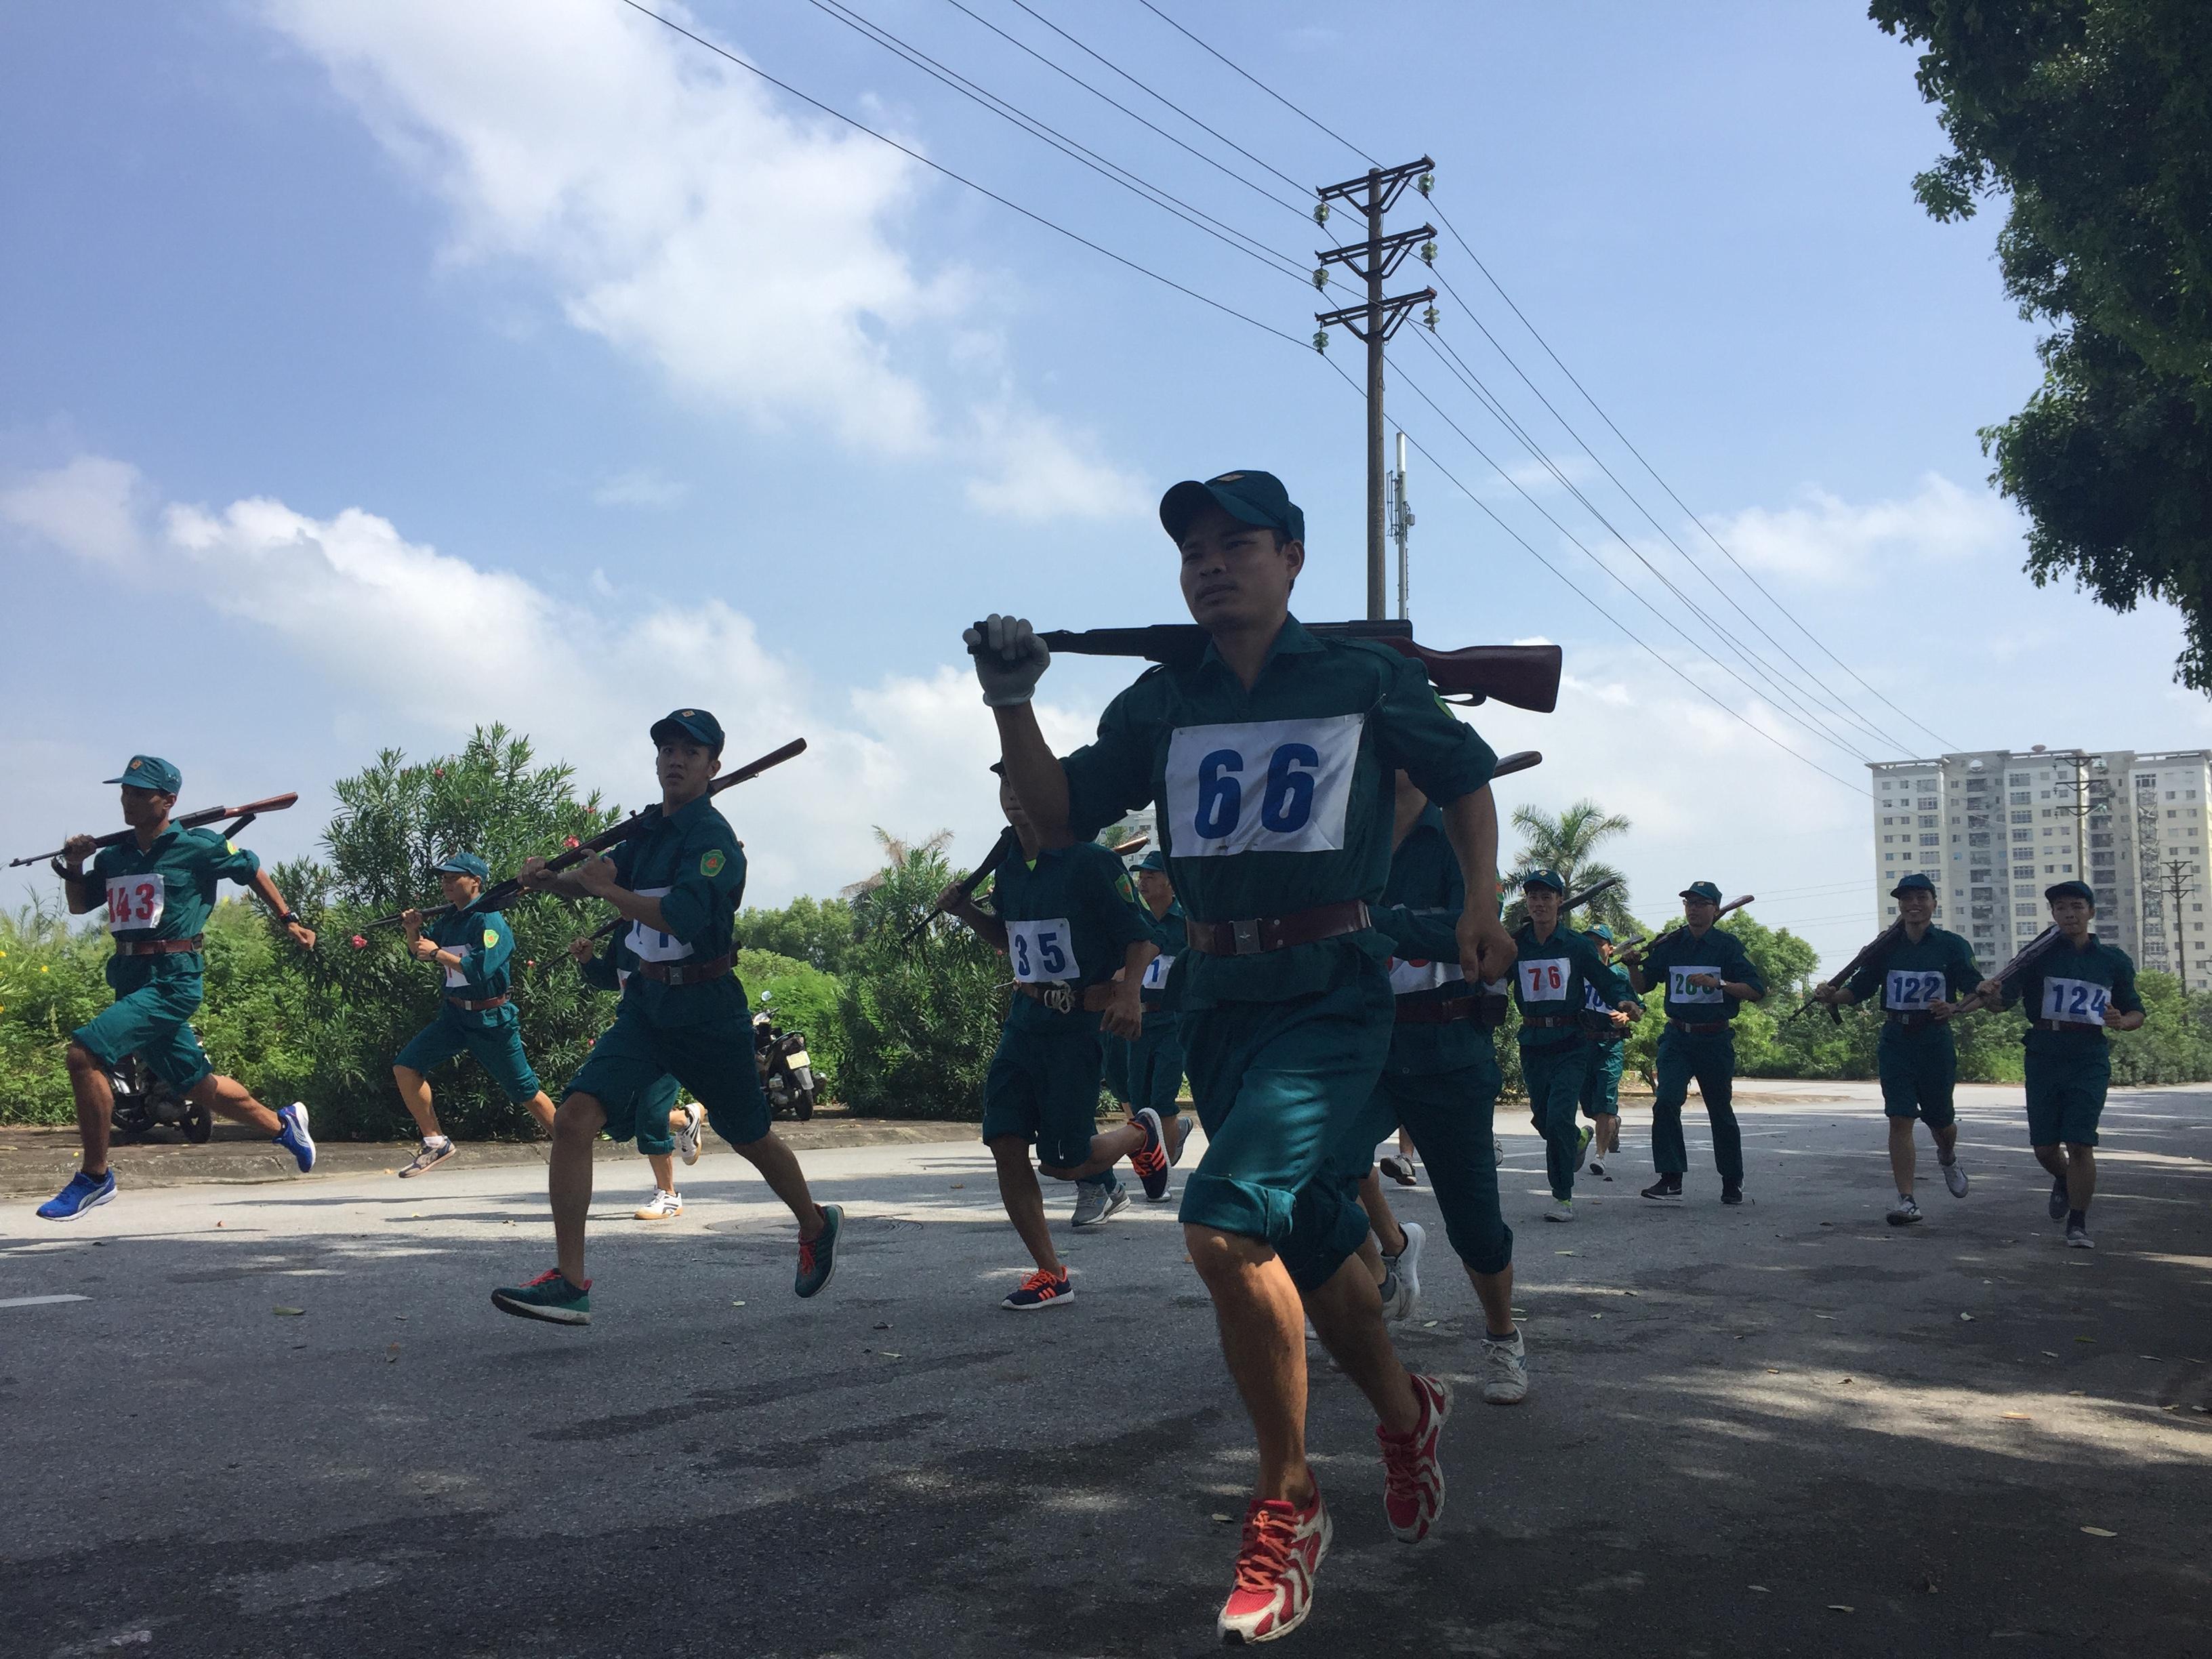 Đội tuyển dân quân tự vệ VATM đoạt giải Ba toàn đoàn hội thao Lực lượng vũ trang quận Long Biên 2017